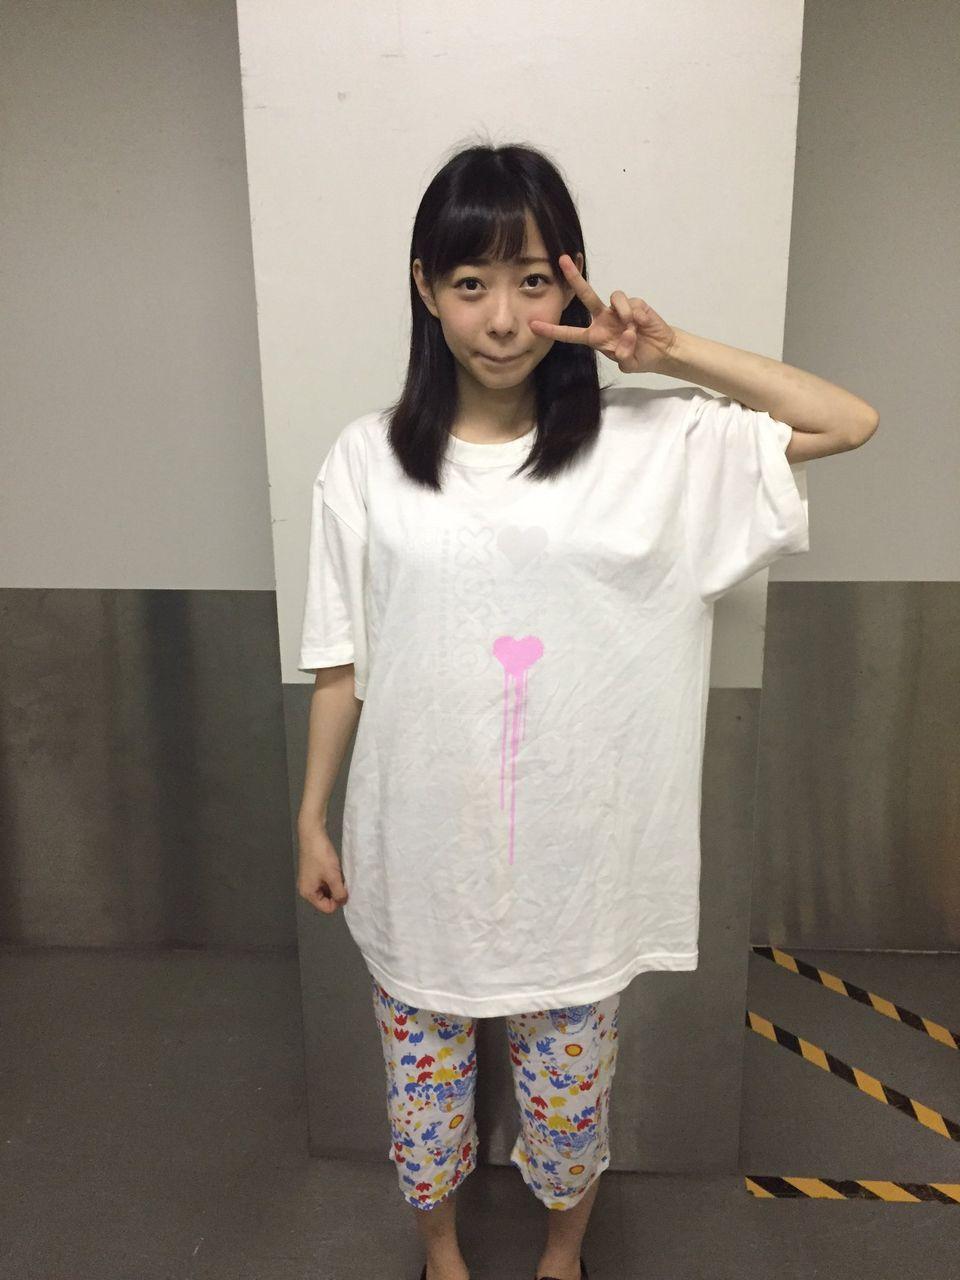 【朗報】読売新聞に石塚朱莉の舞台記事が掲載された模様